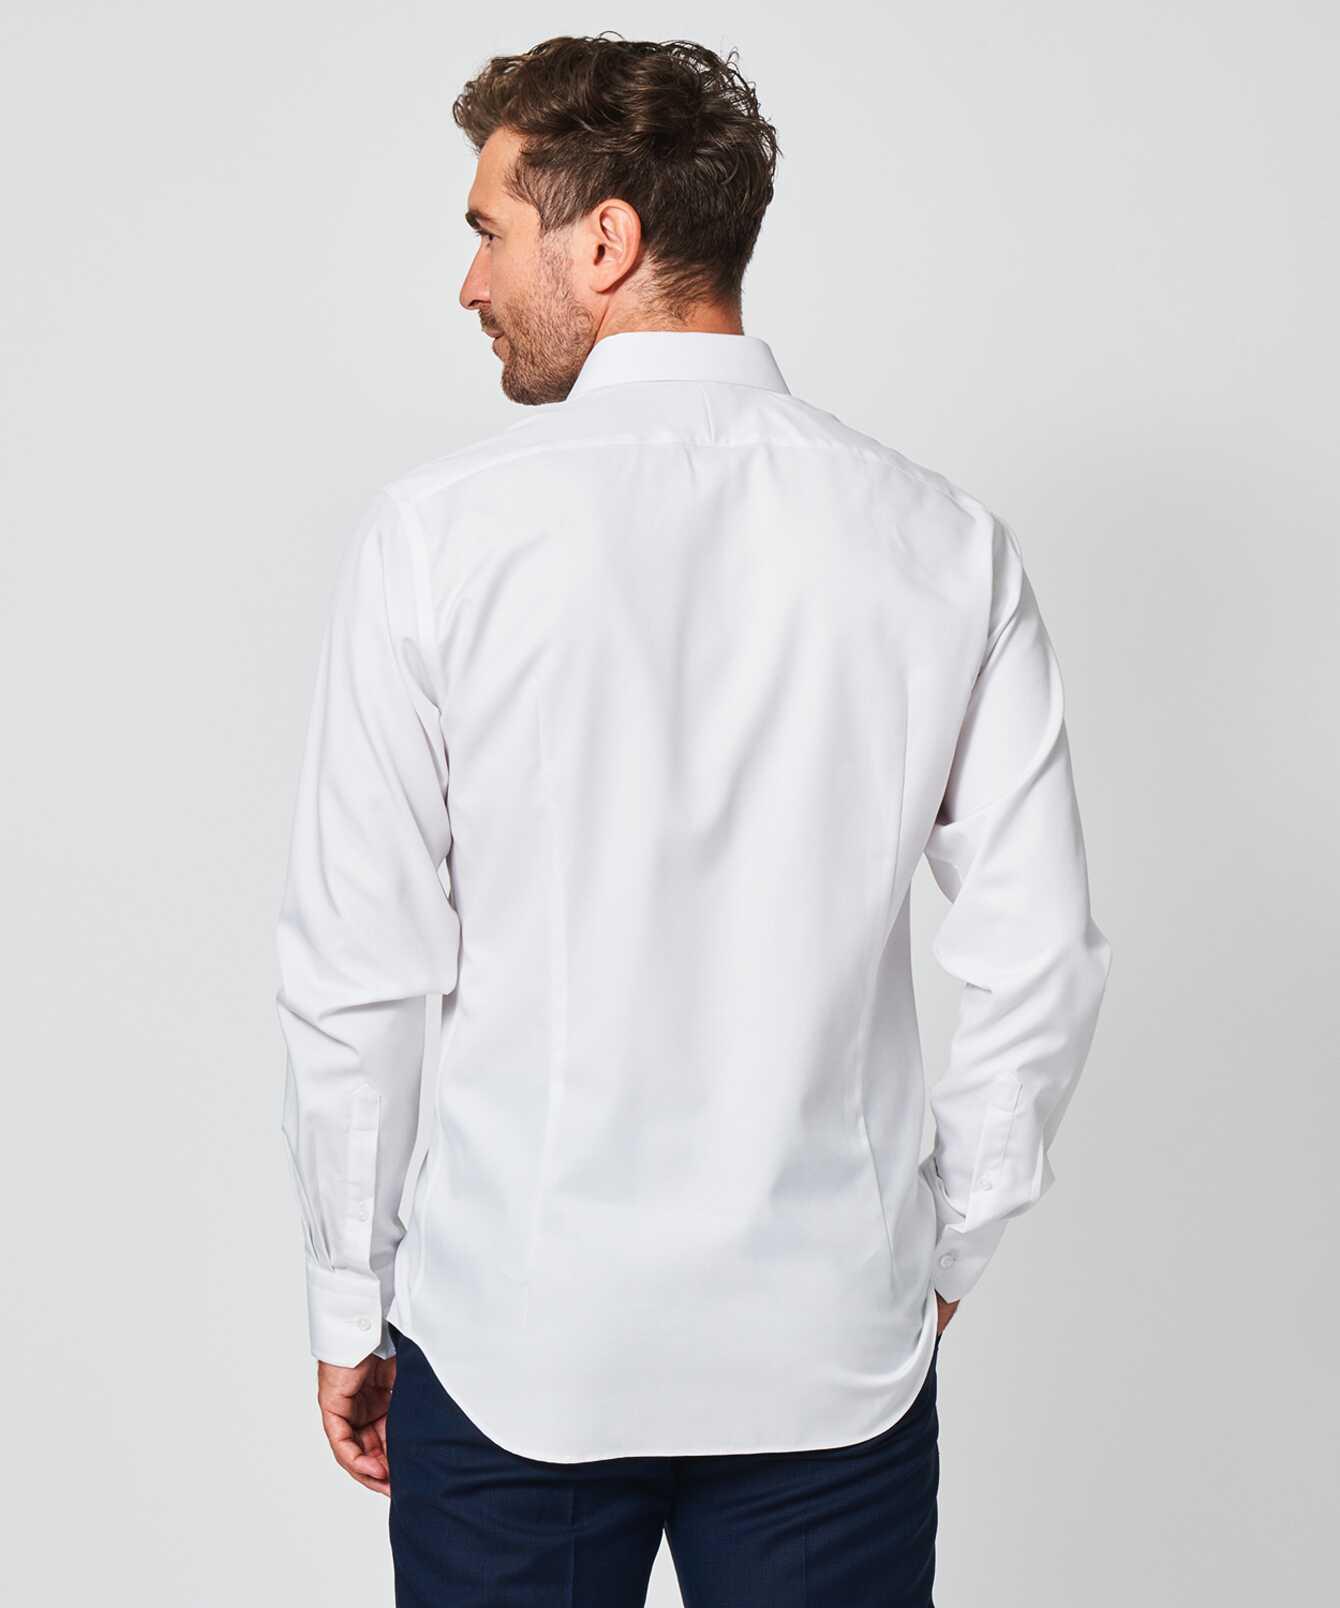 Skjorta Hugo Lättstruken The Shirt Factory